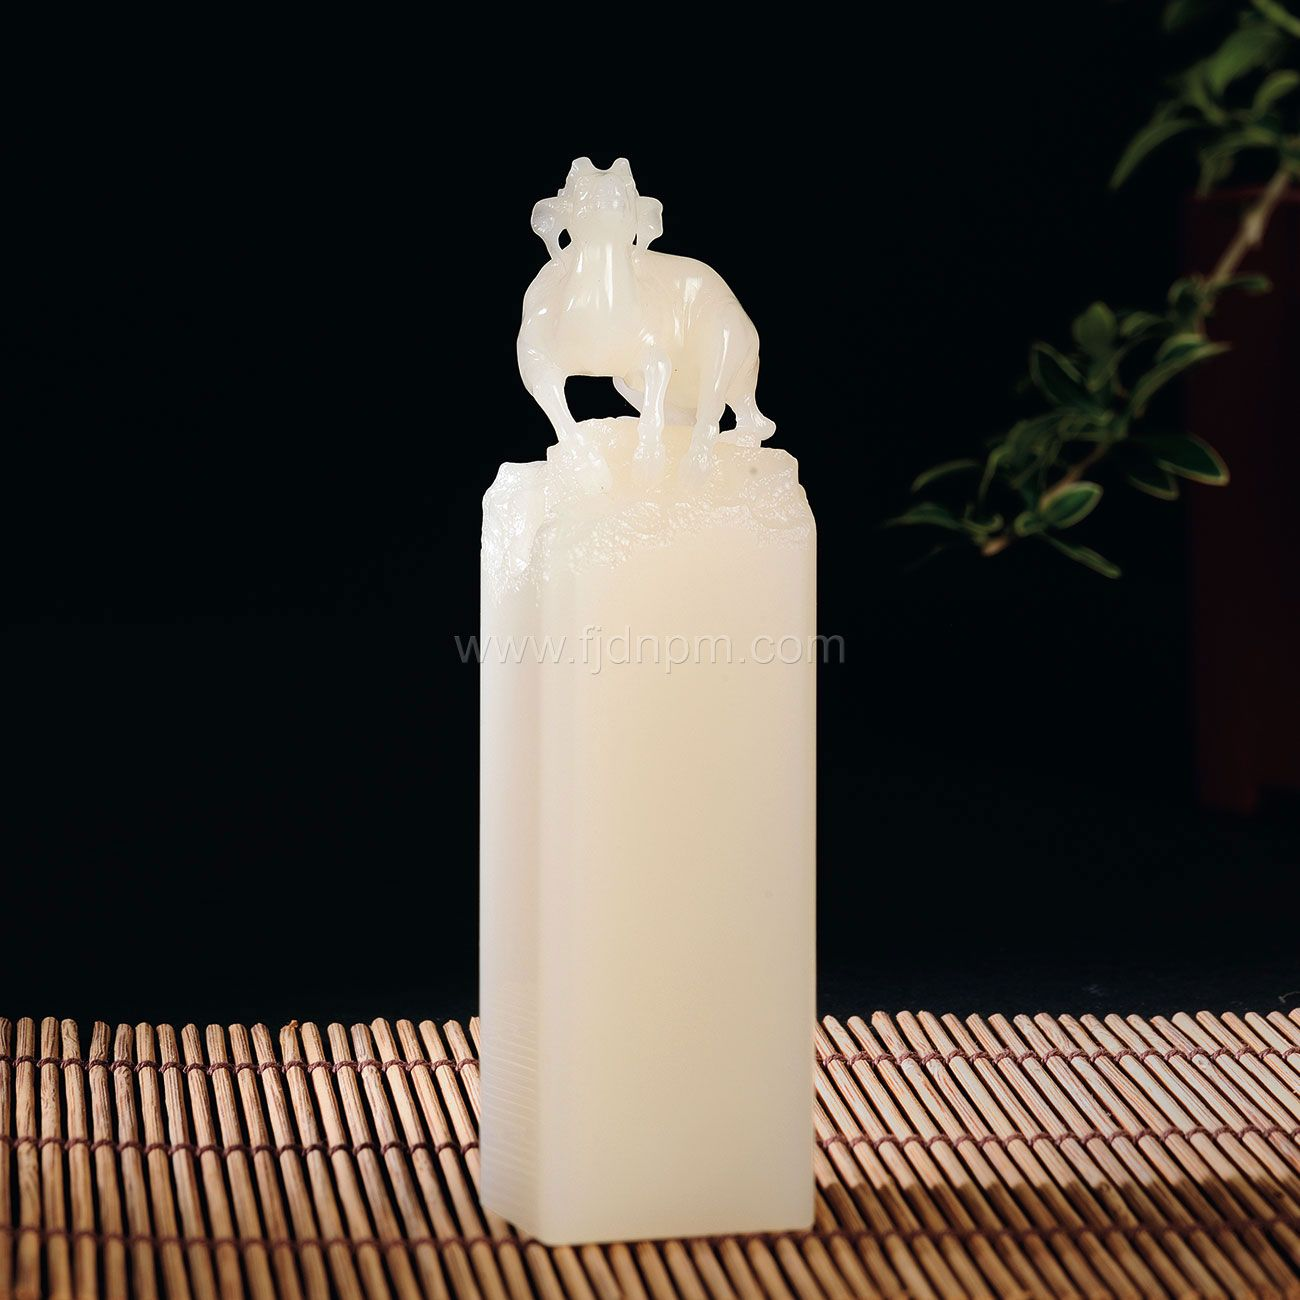 石韵清玩——寿山石雕精品